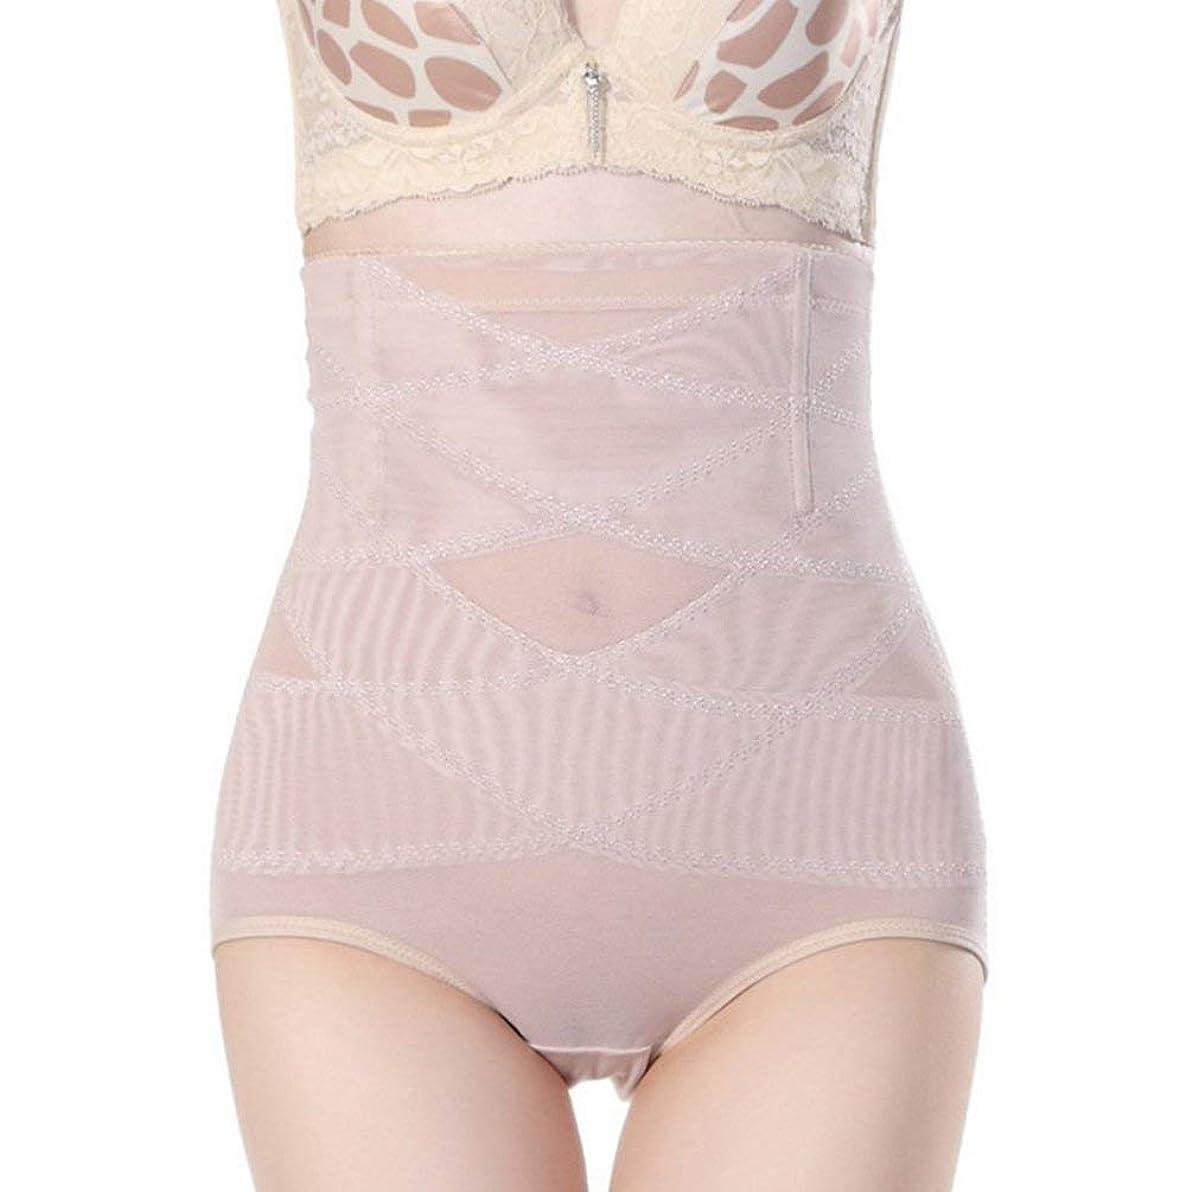 子孫遅れ選択腹部制御下着シームレスおなかコントロールパンティーバットリフターボディシェイパーを痩身通気性のハイウエストの女性 - 肌色2 XL